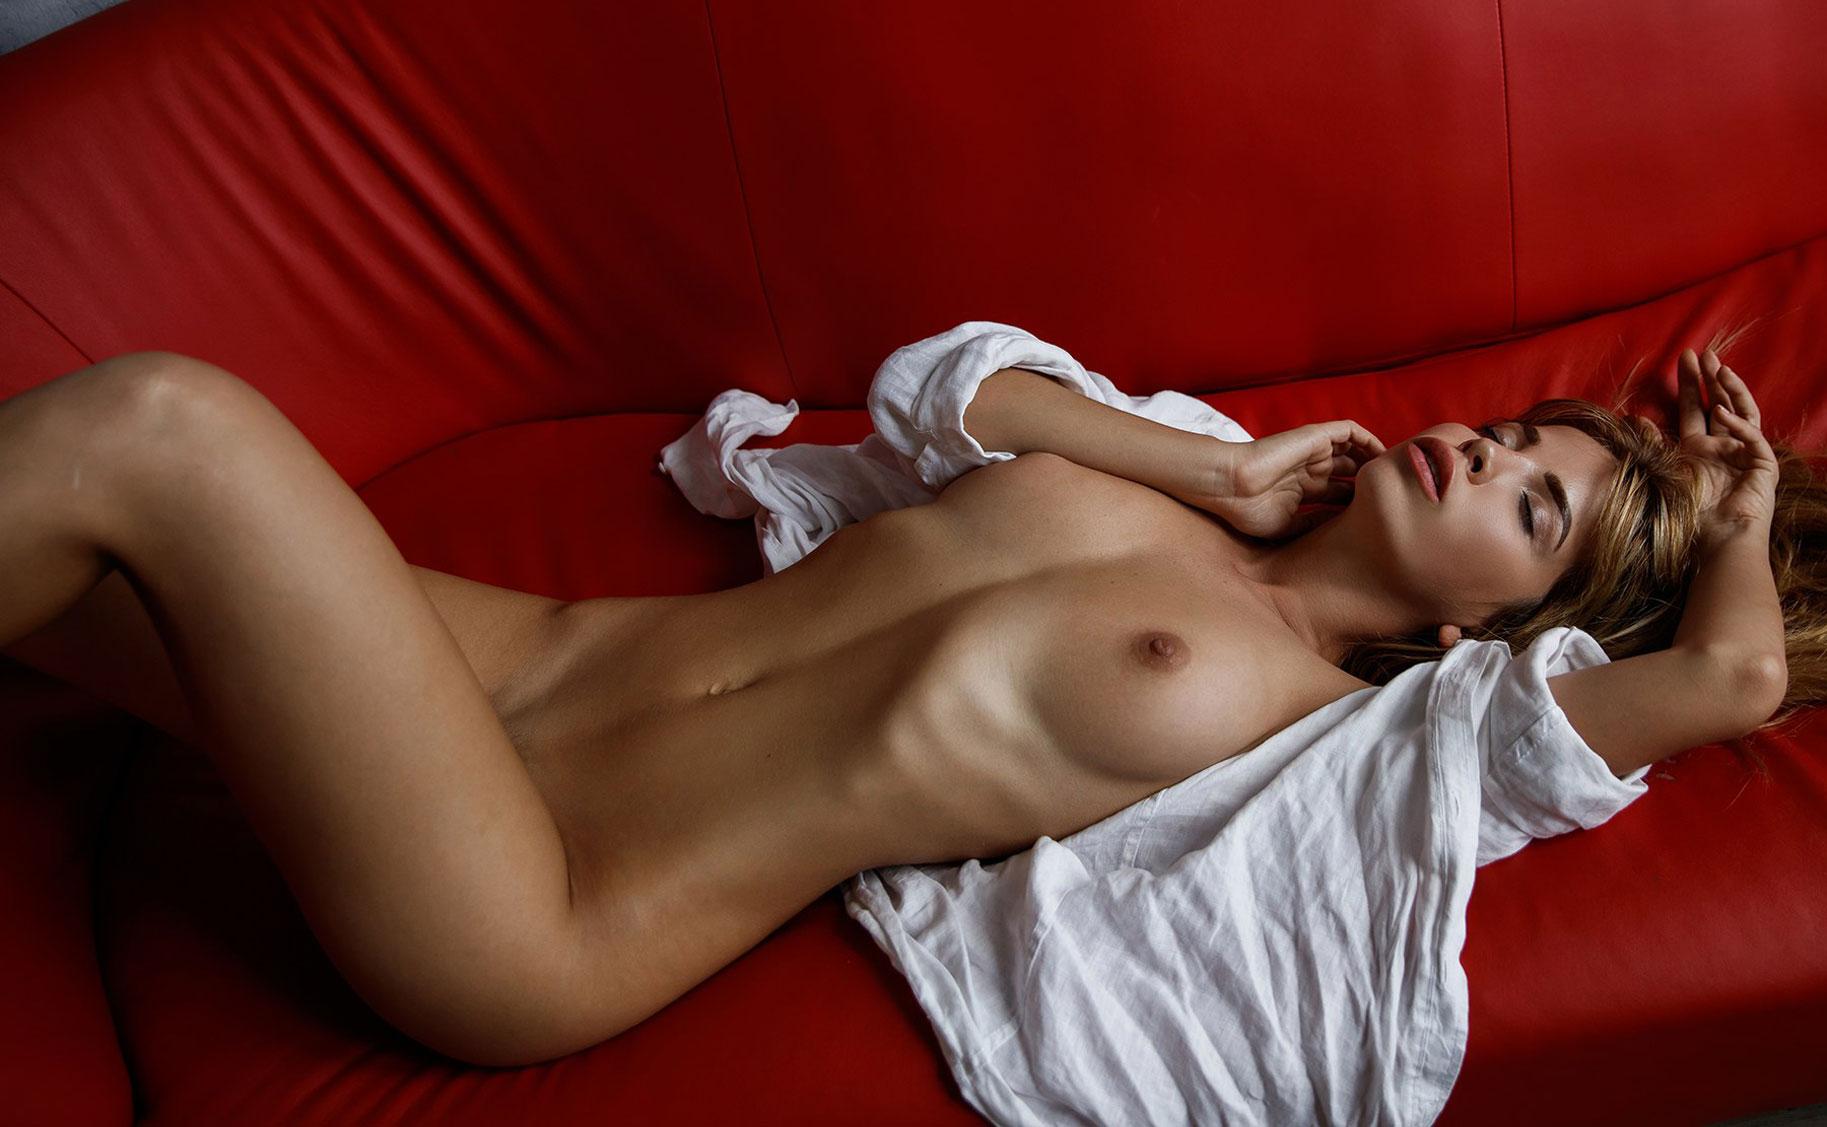 Karina Avakyan - Alexey Trifonov photoshoot